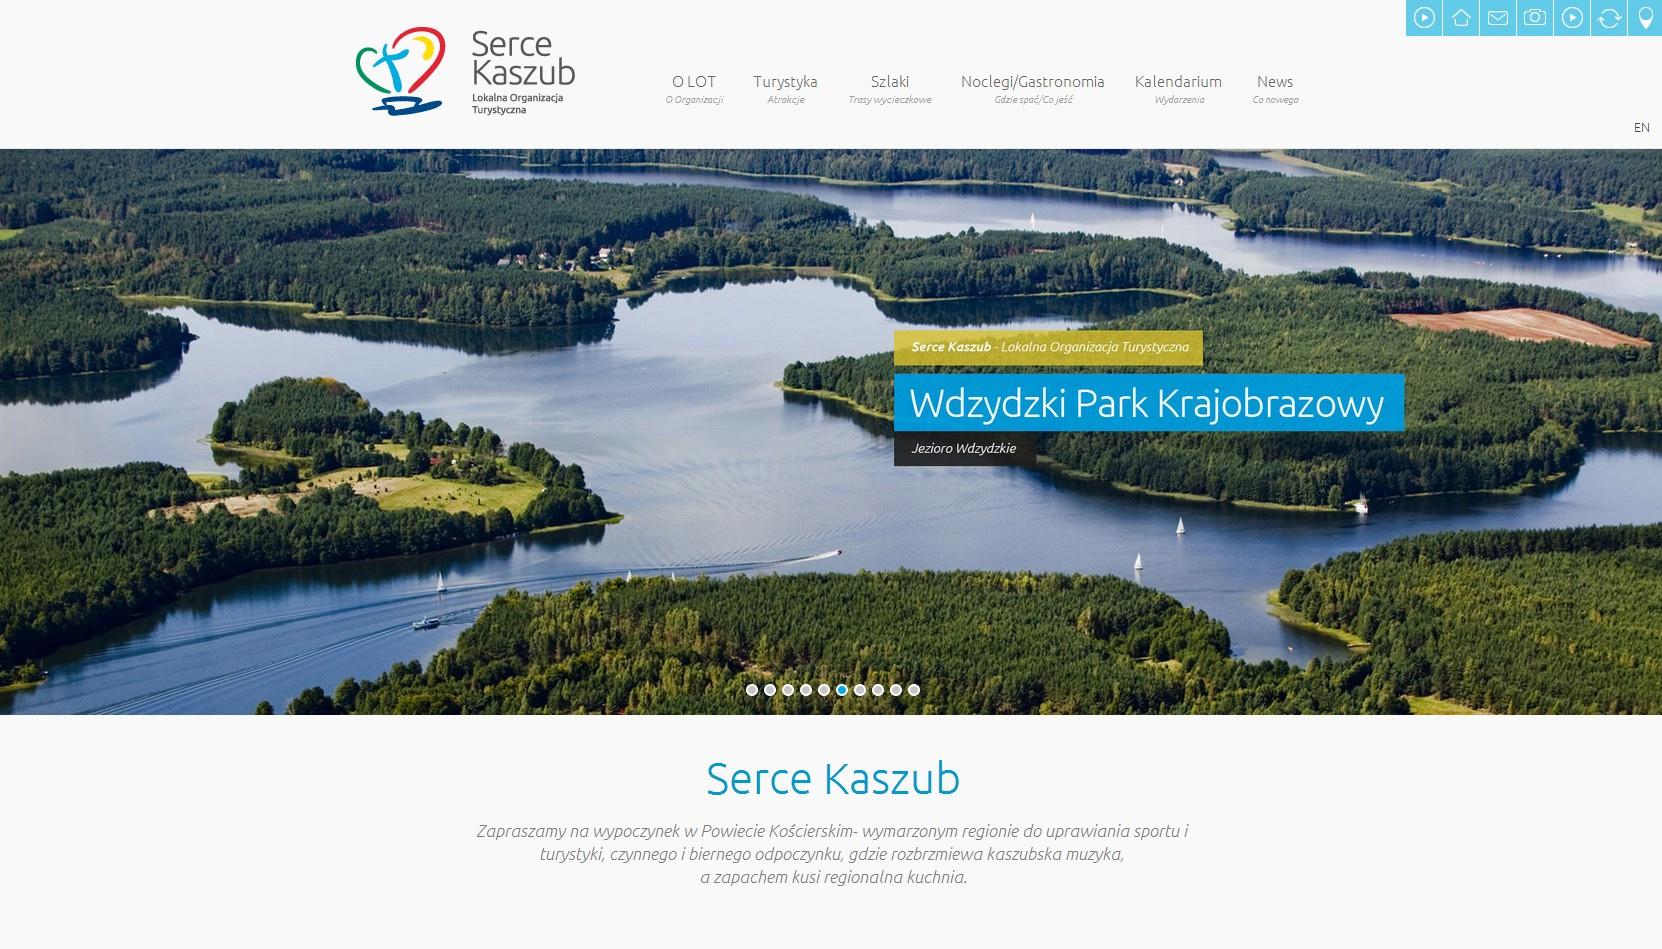 fsc_Lokalna_Organizacja_Turystyczna_Serce_Kaszub